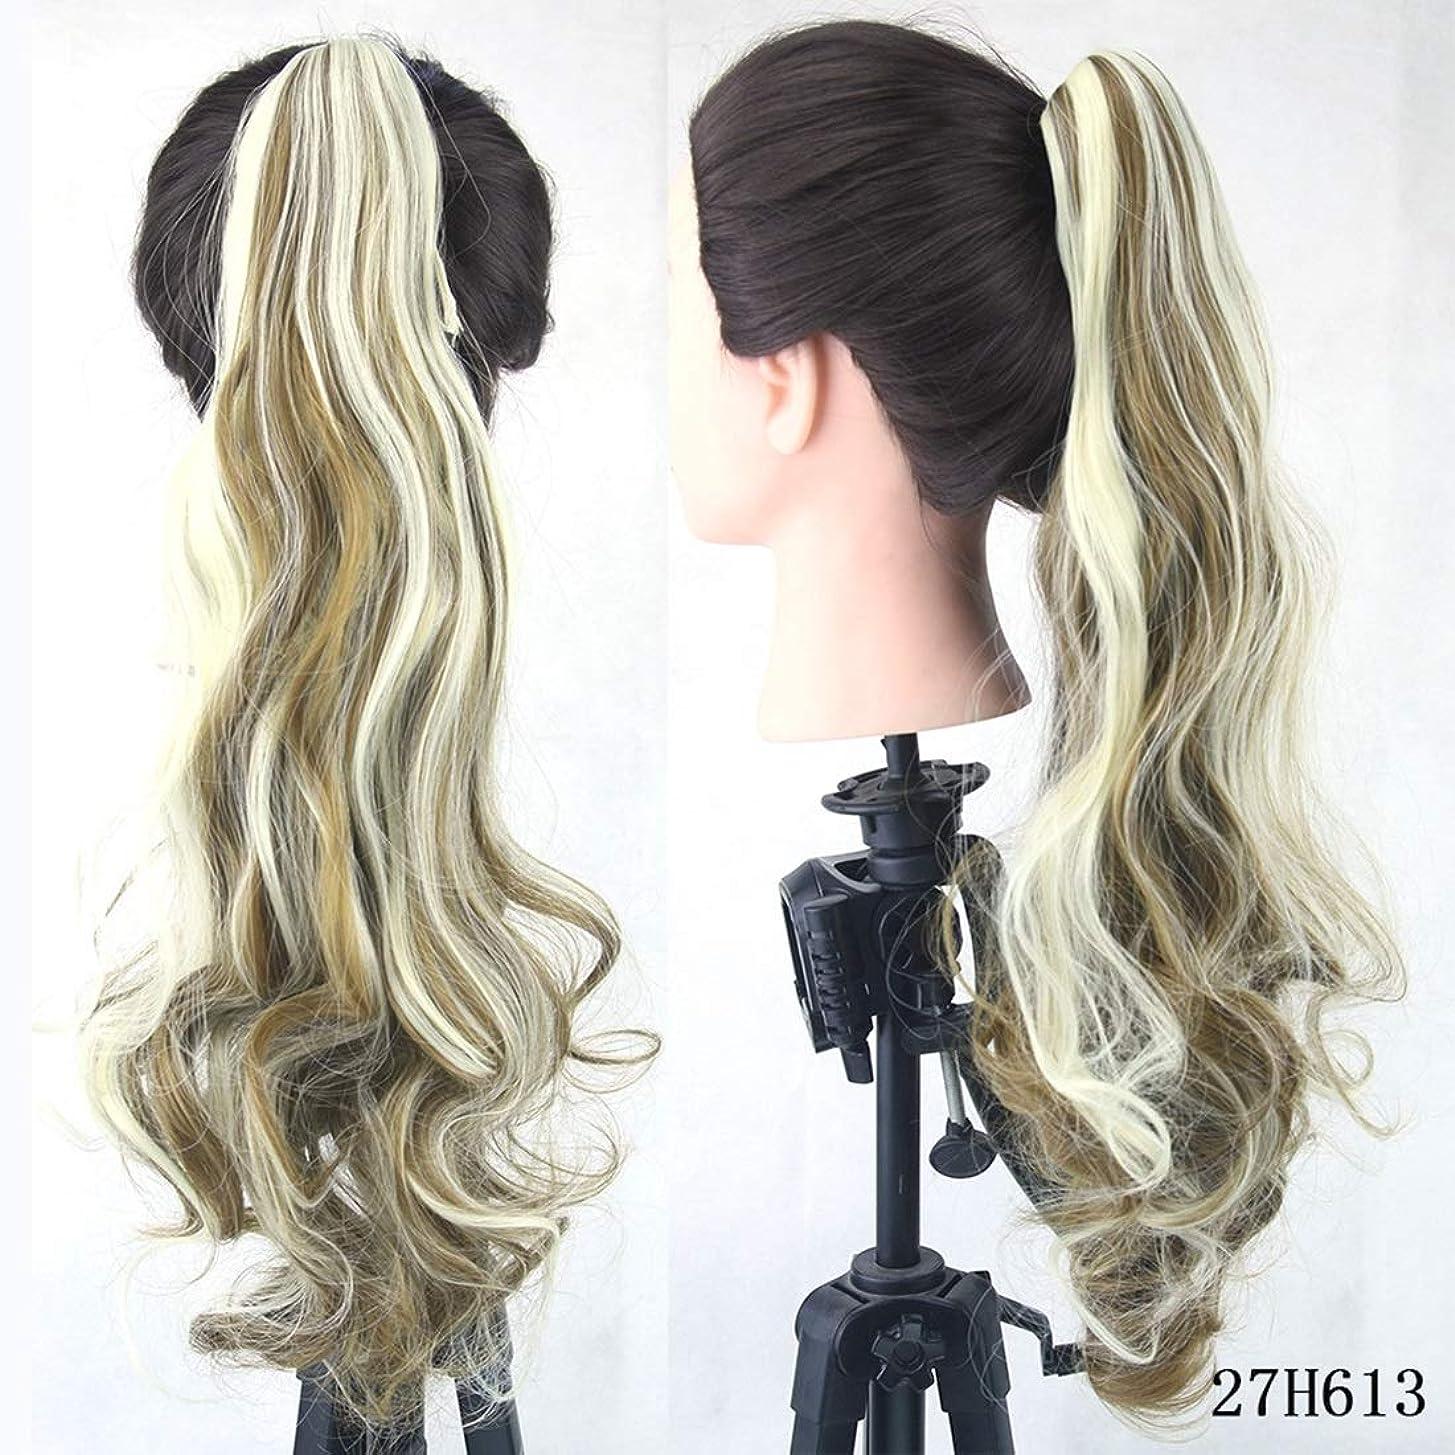 BOBIDYEE 8色オプションの長い巻き毛のヘアクリップポニーテールレディースポニーテールのかつら合成毛レースのかつらロールプレイングかつら (色 : Color 27H613)